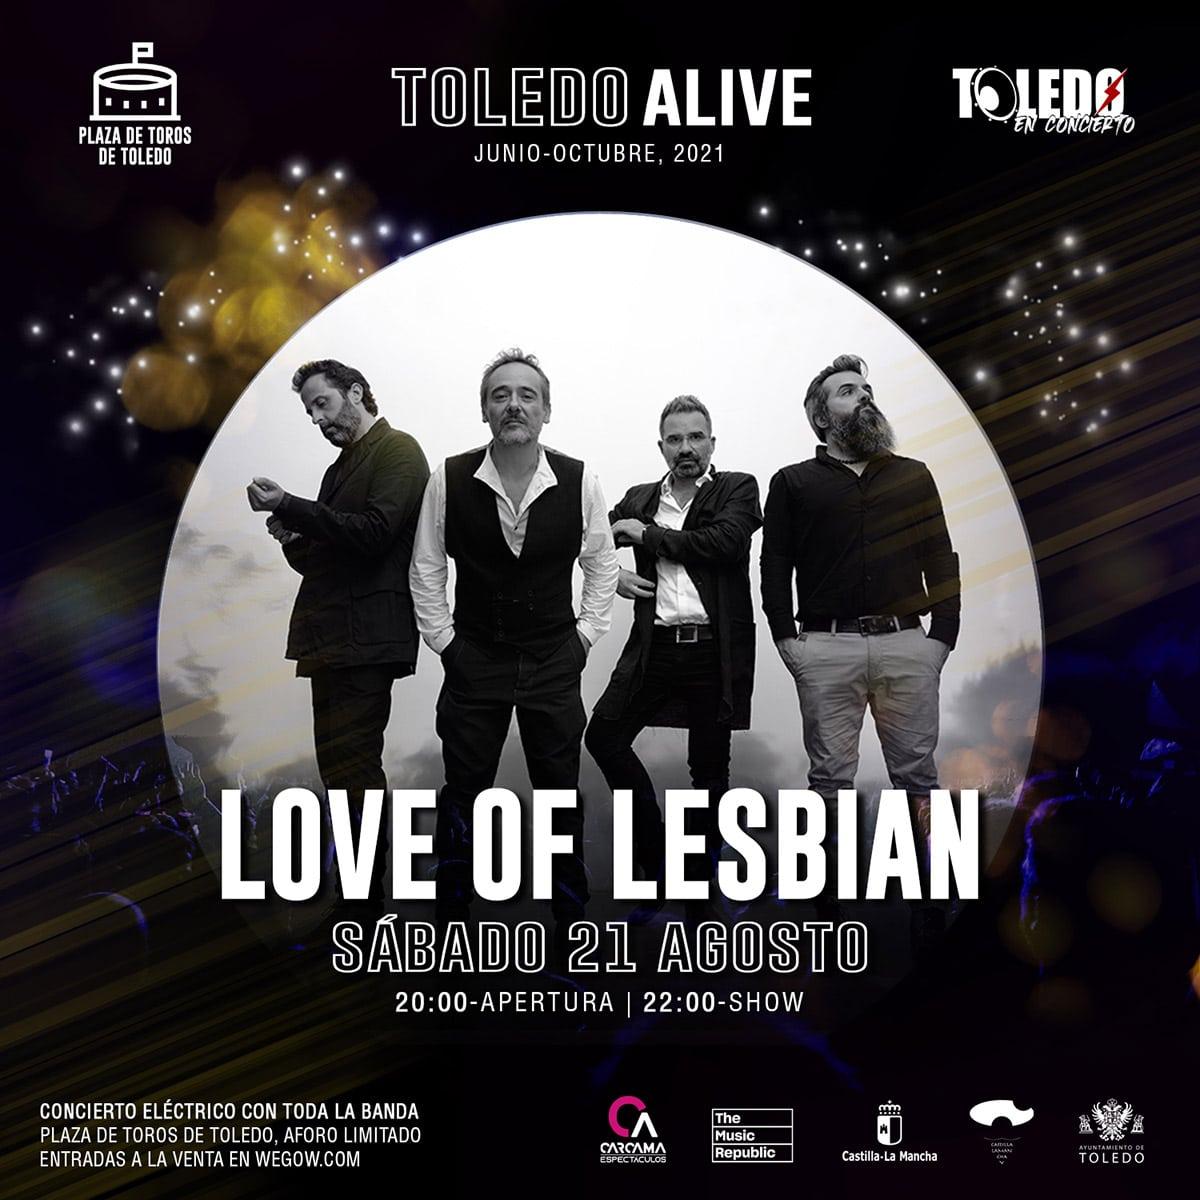 concierto-love-of-lesbian-toledo-alive.jpg